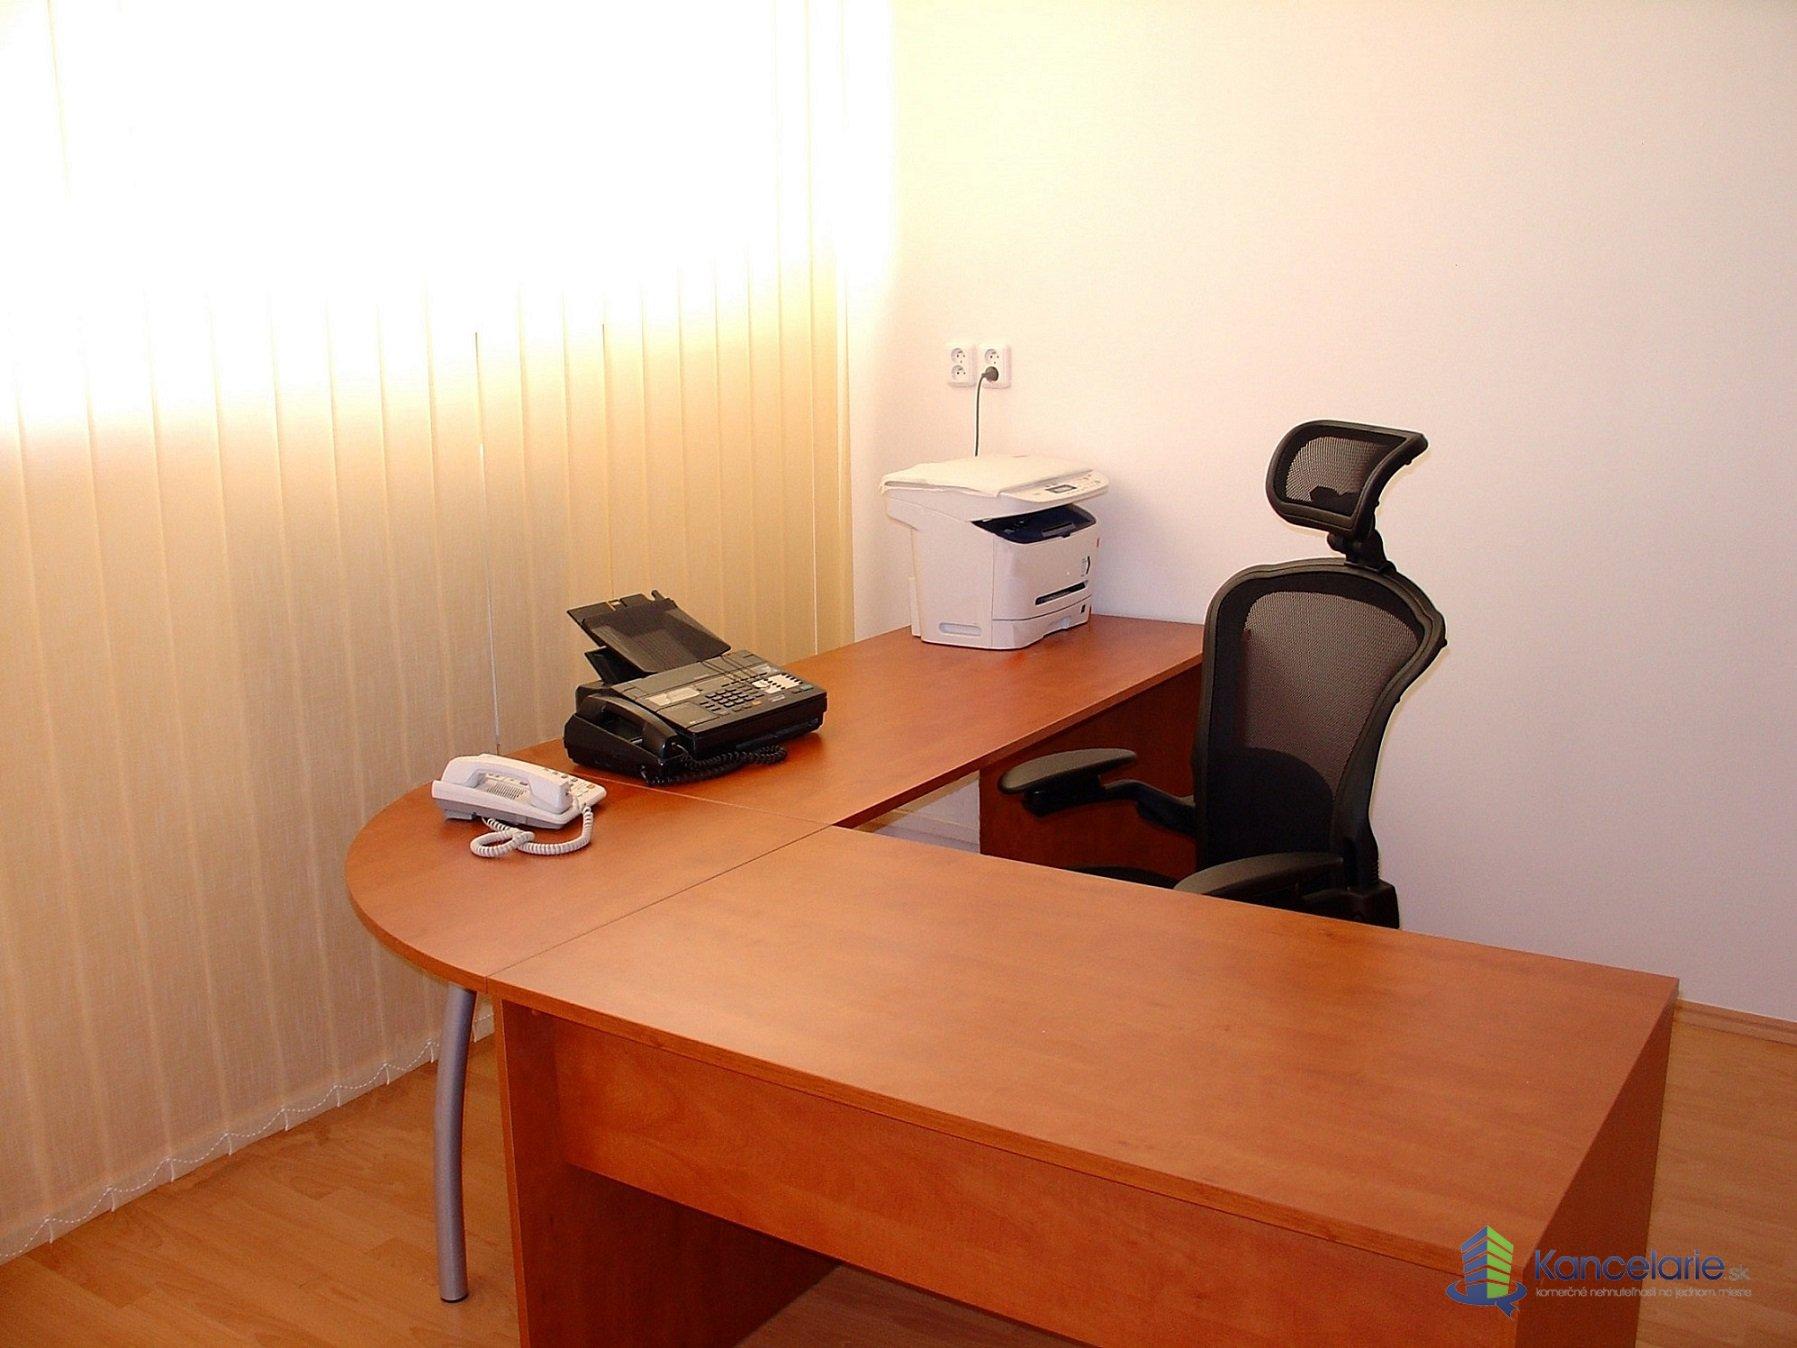 Agrimex spol. s r.o. (AMEX Park), Kancelária APB II č. 3.19, Púchovská 12, Bratislava